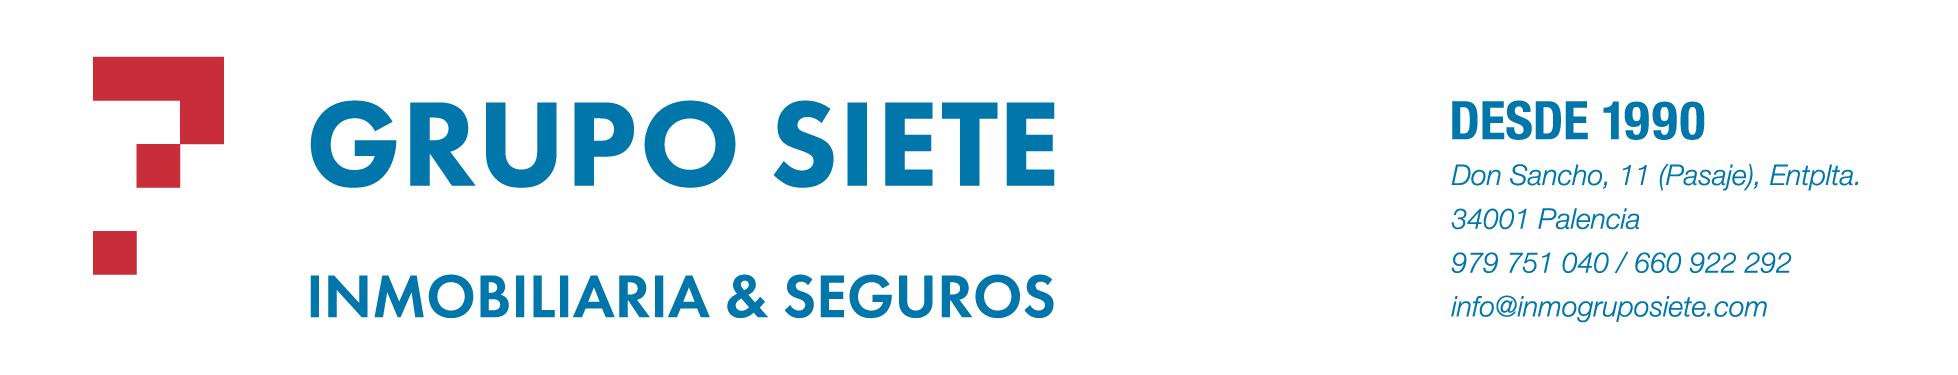 Logotipo de GRUPO SIETE INMOBILIARIA